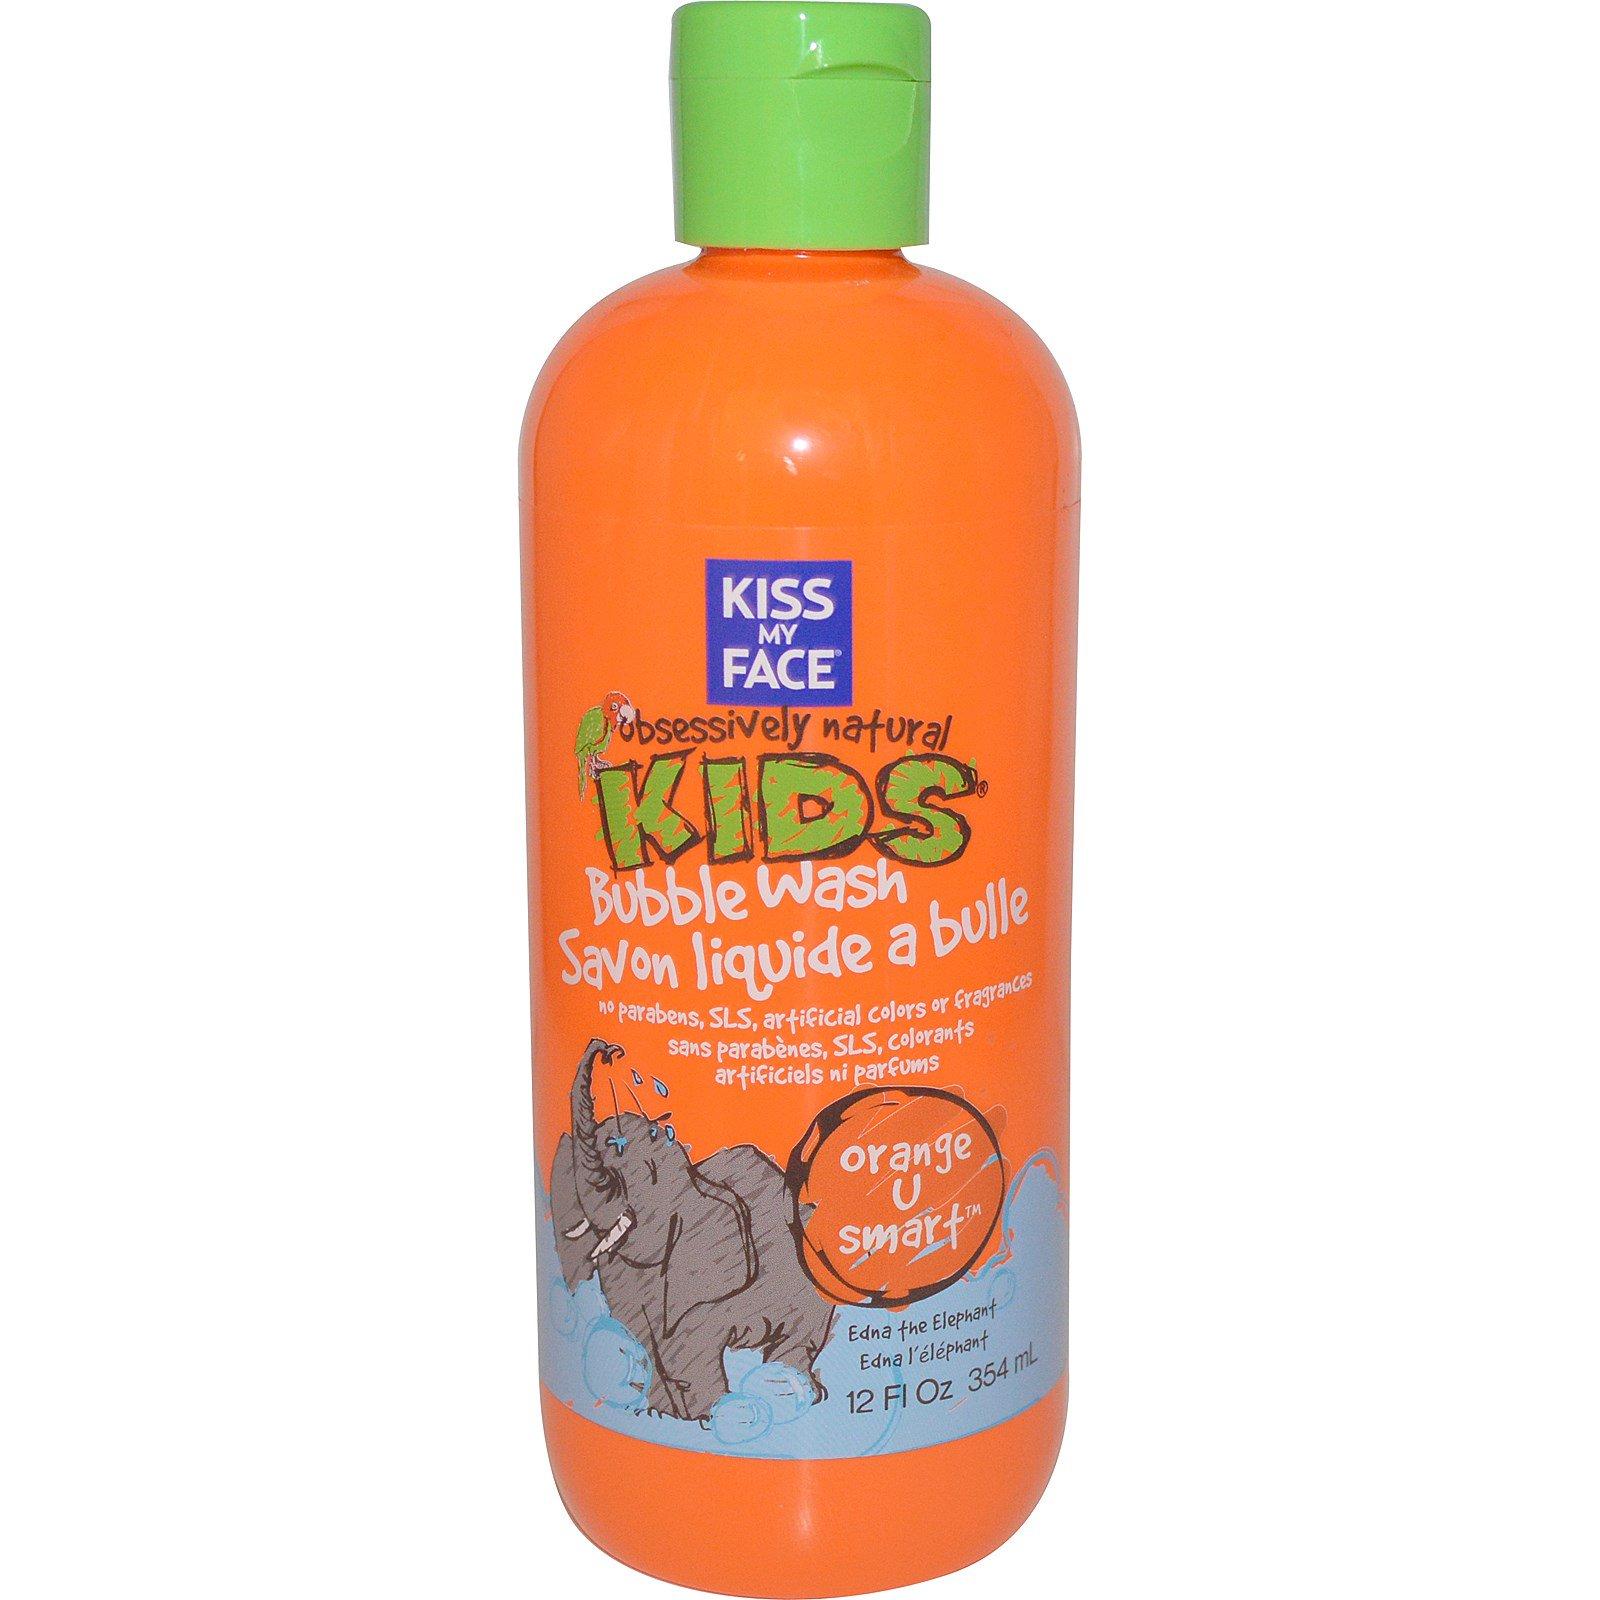 """Kiss My Face, """"Страстно натуральные дети"""", апельсиновое средство для умниц, детская пена для ванн, 12 жидких унций (354 мл)"""